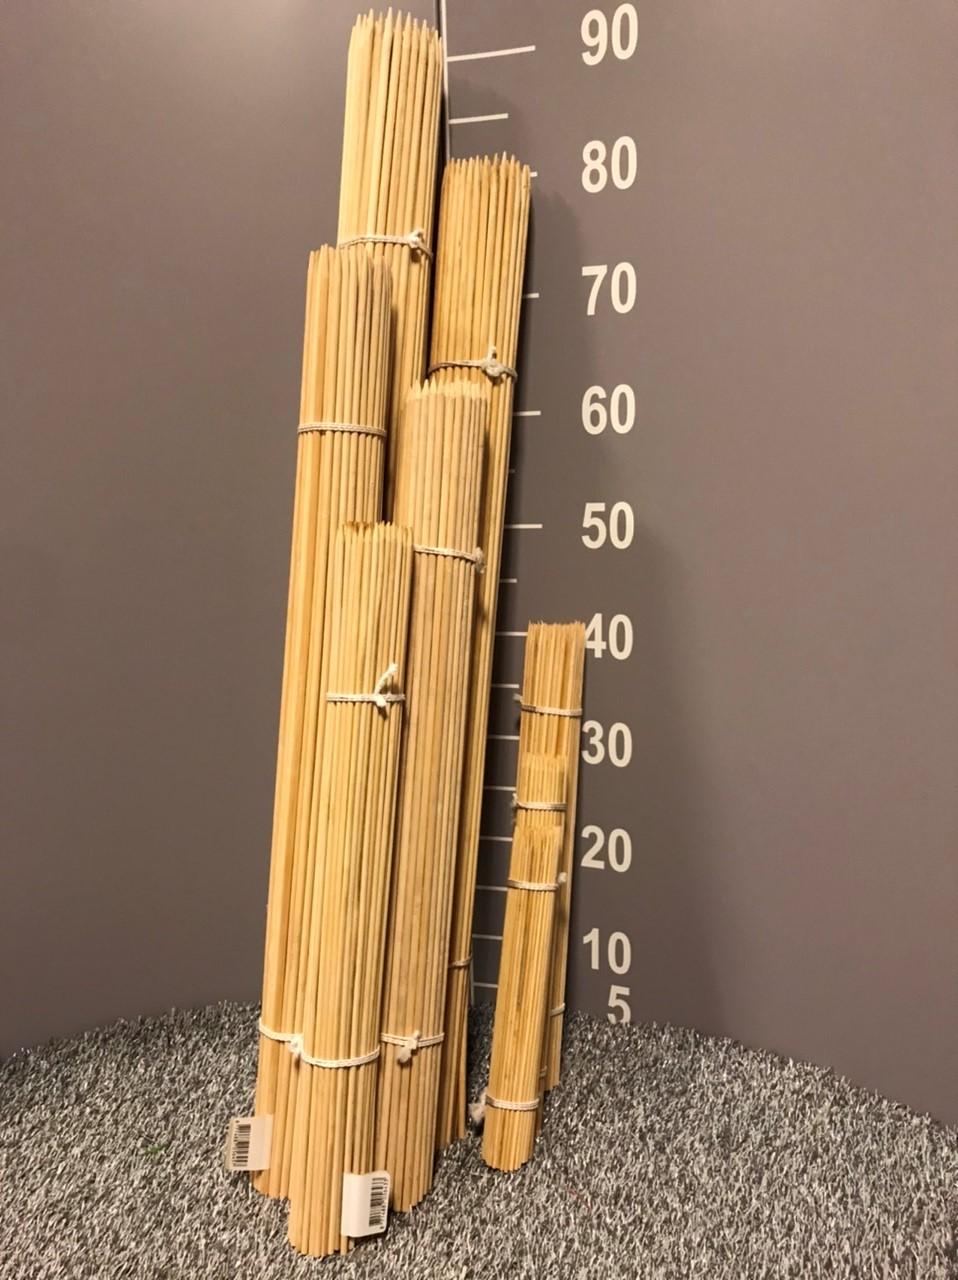 Bamboo Flowersticks